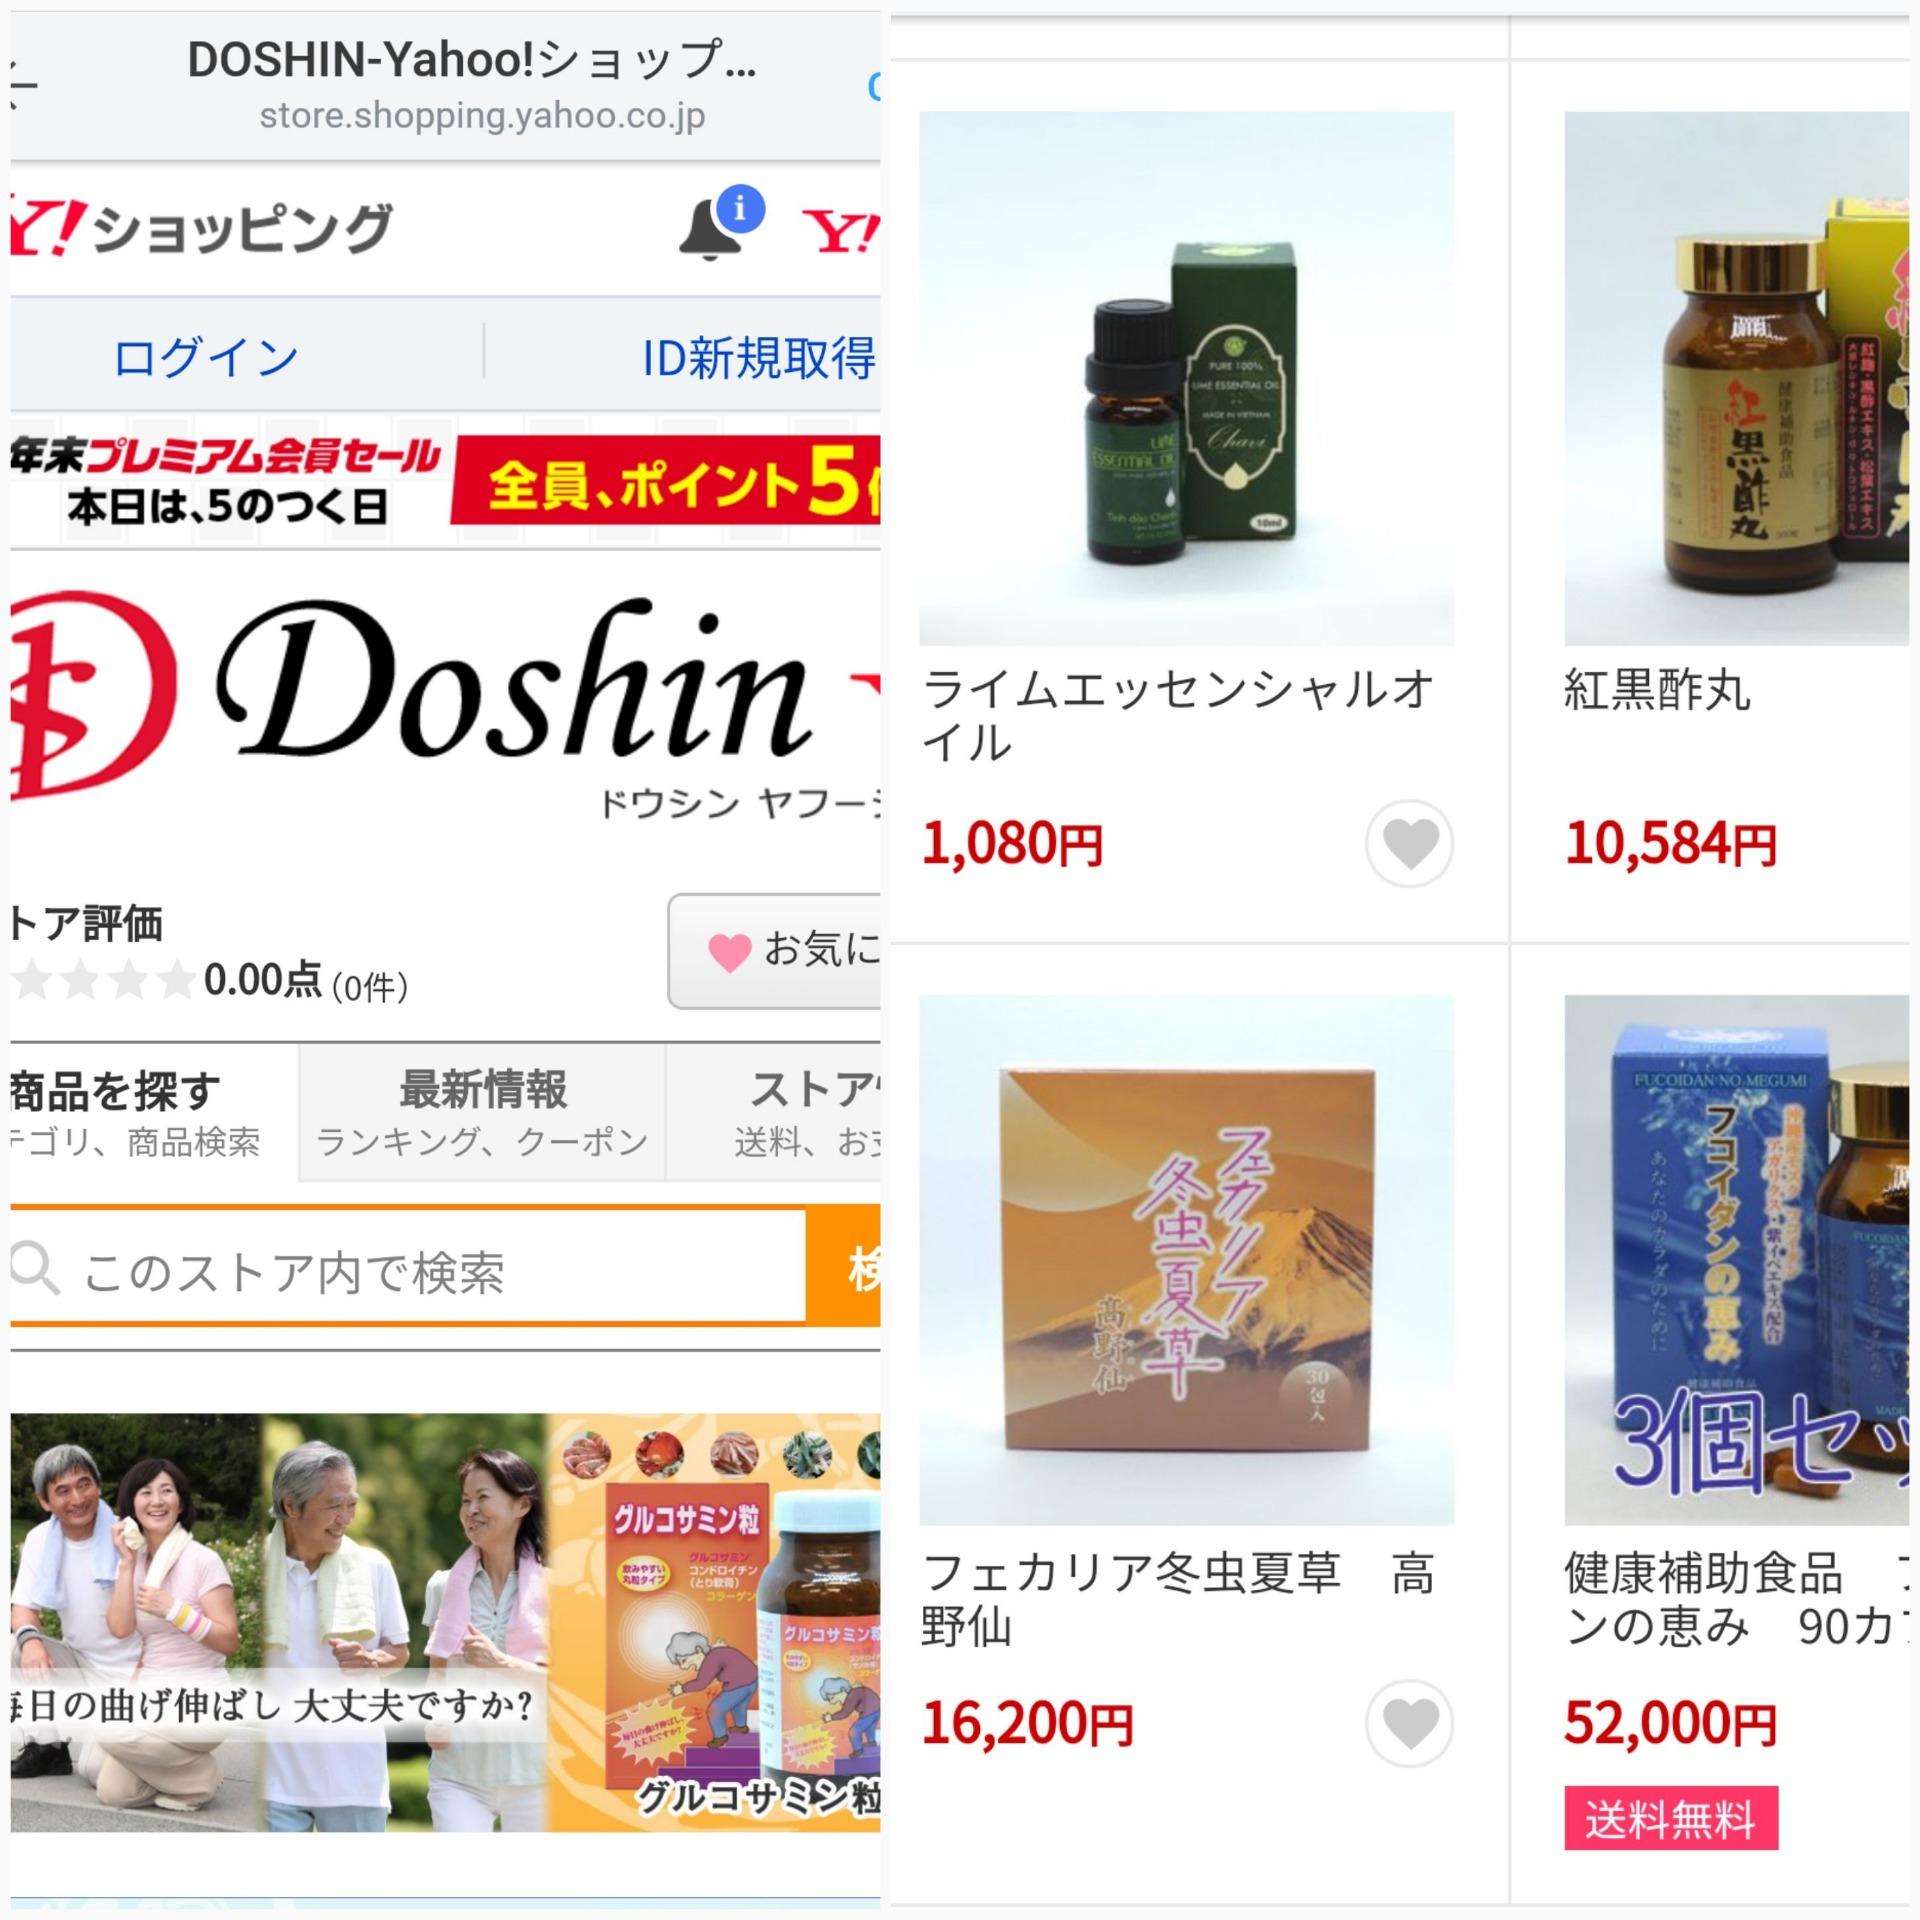 Tinh dầu chanh Chavi của Việt Nam dung tích 10ml được bán với giá 1.080 yên tại Nhật Bản (khoảng 220 ngàn đồng Việt Nam)